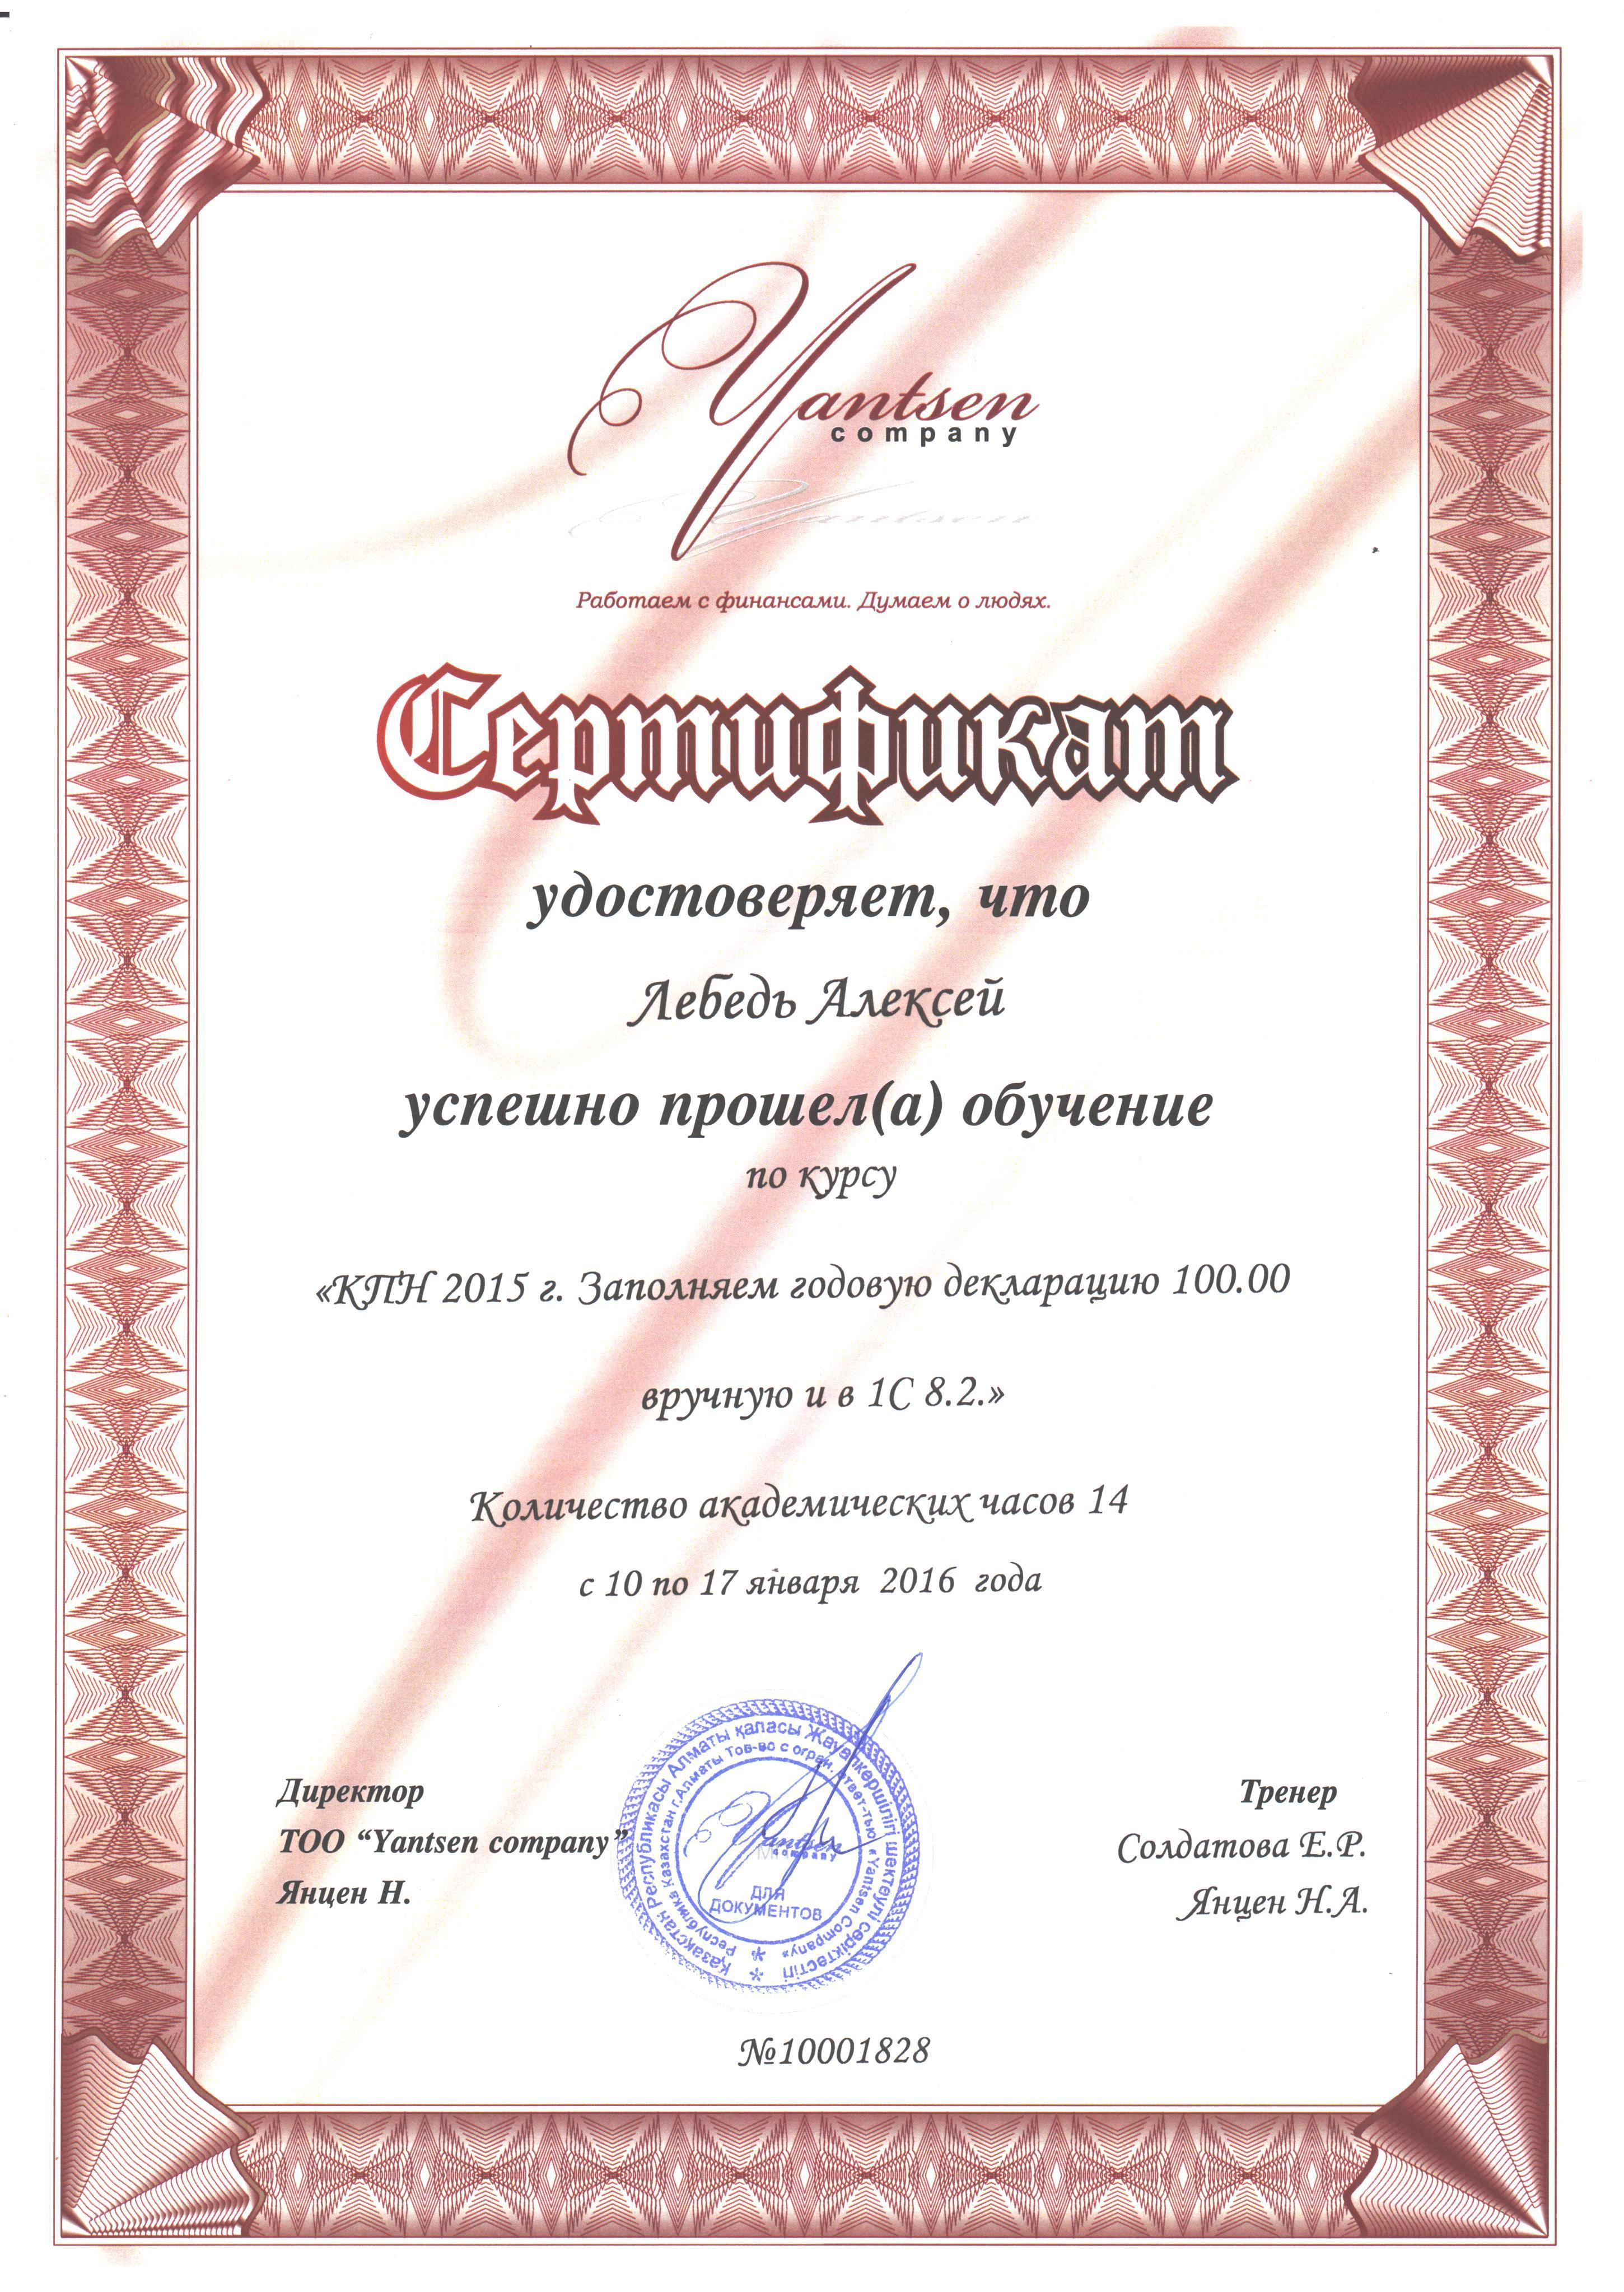 Сертификат Алексея Лебедь КПН 2015 года Заполняем годовую декларацию 100